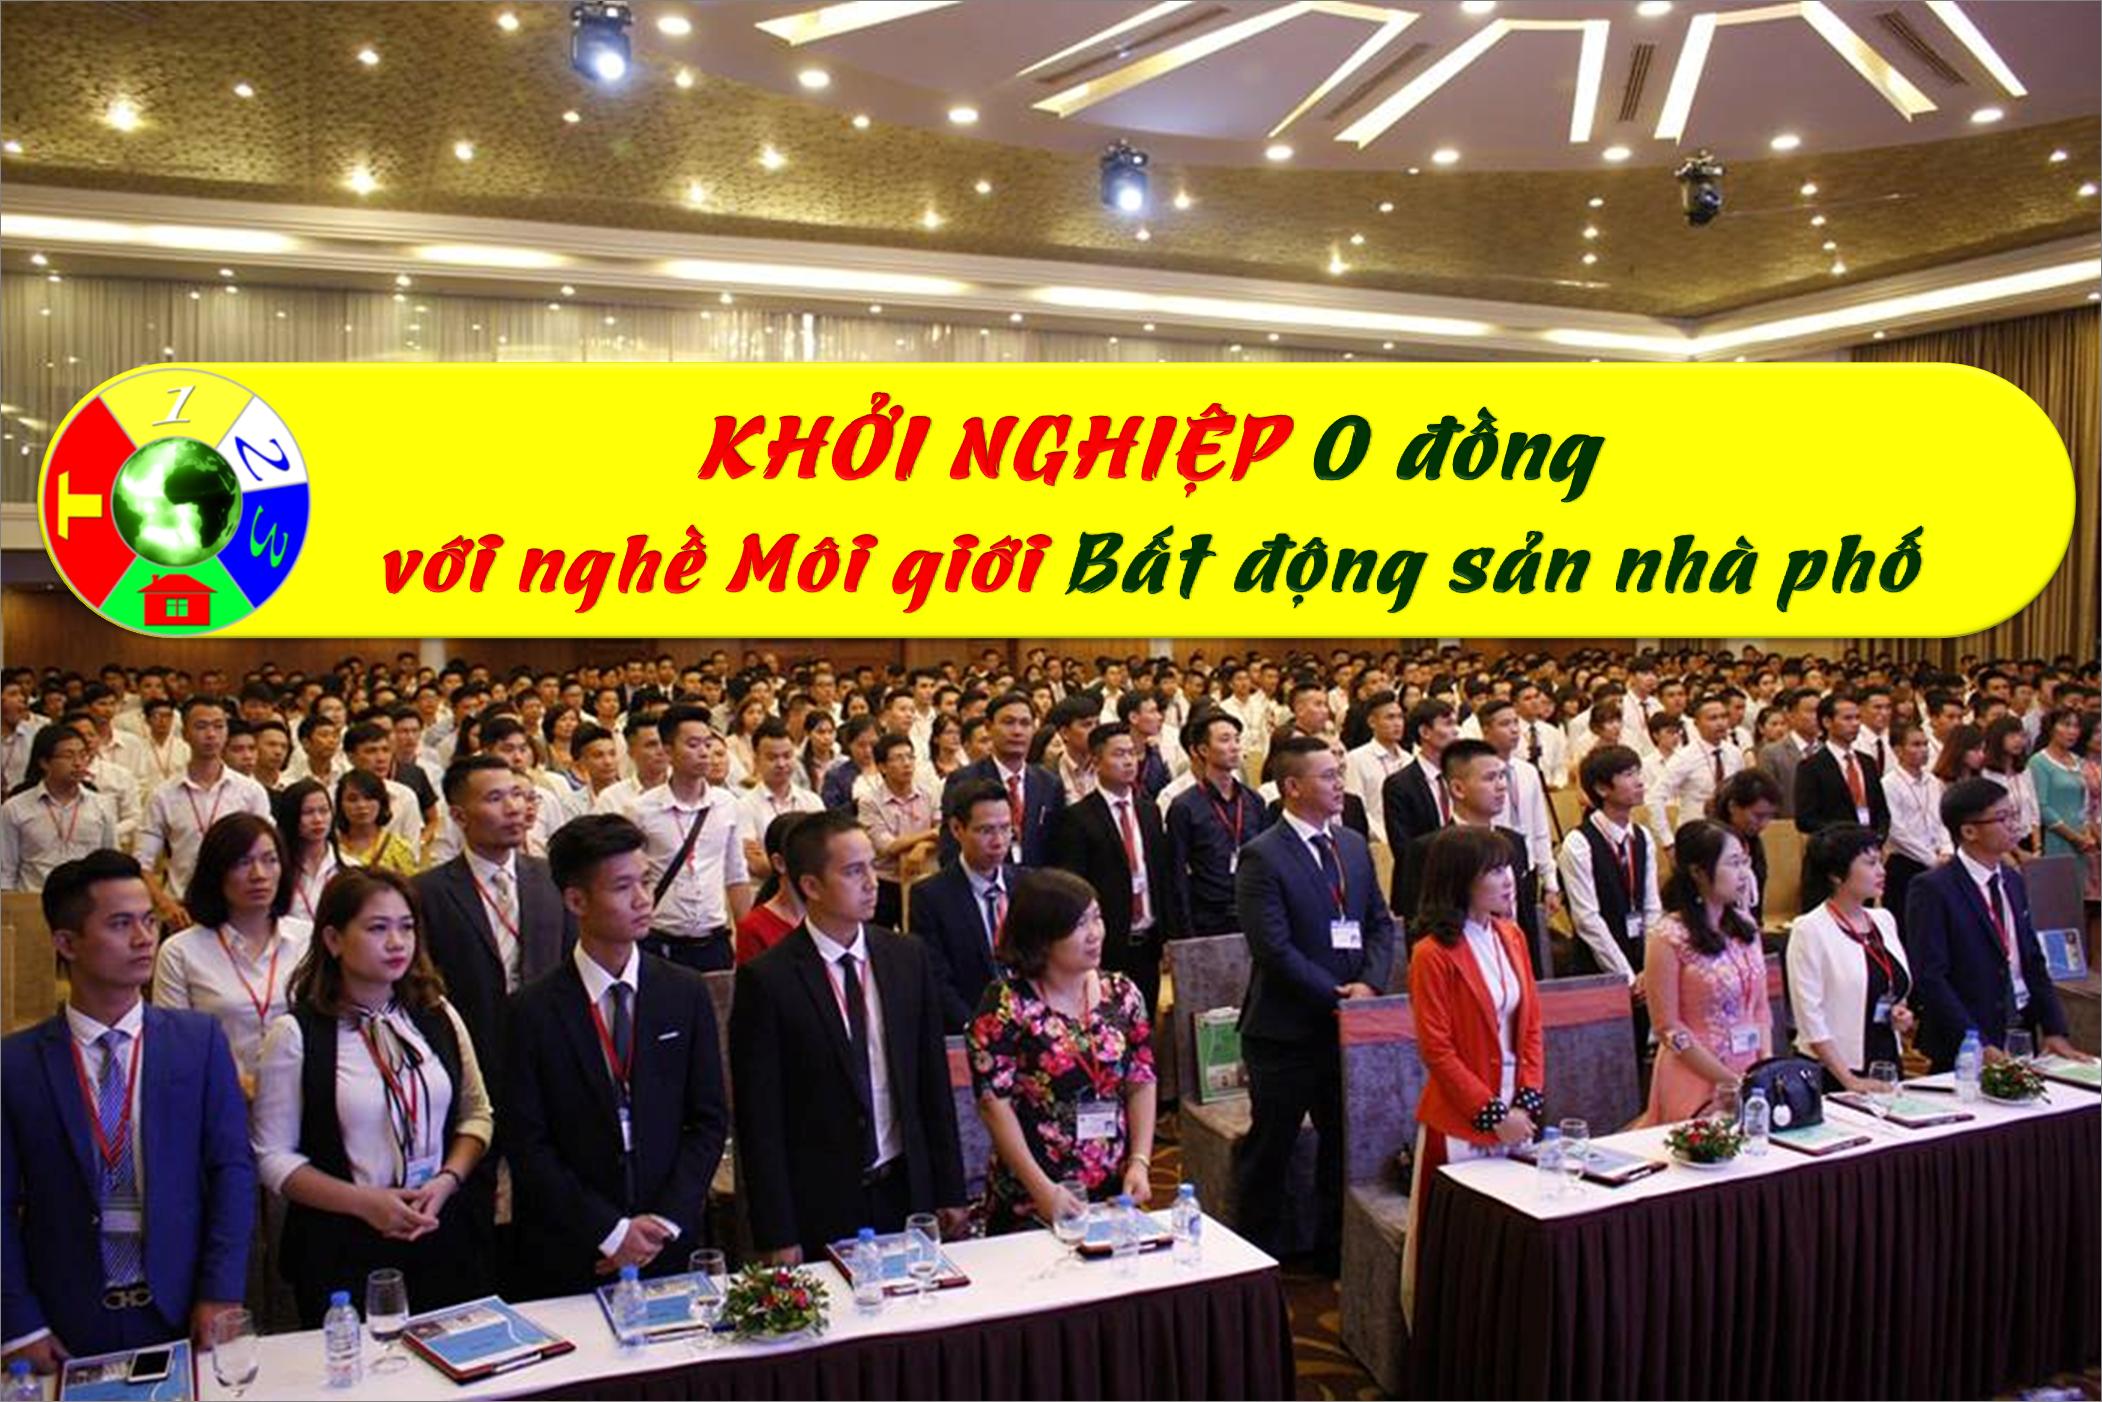 Khởi nghiệp 0 đồng - Khóa Đào tạo miễn phí nghề Môi giới Bất động sản tại Công ty lớn nhất Việt Nam chuyên về Bất động sản nhà phố gần 3000 nhân sự